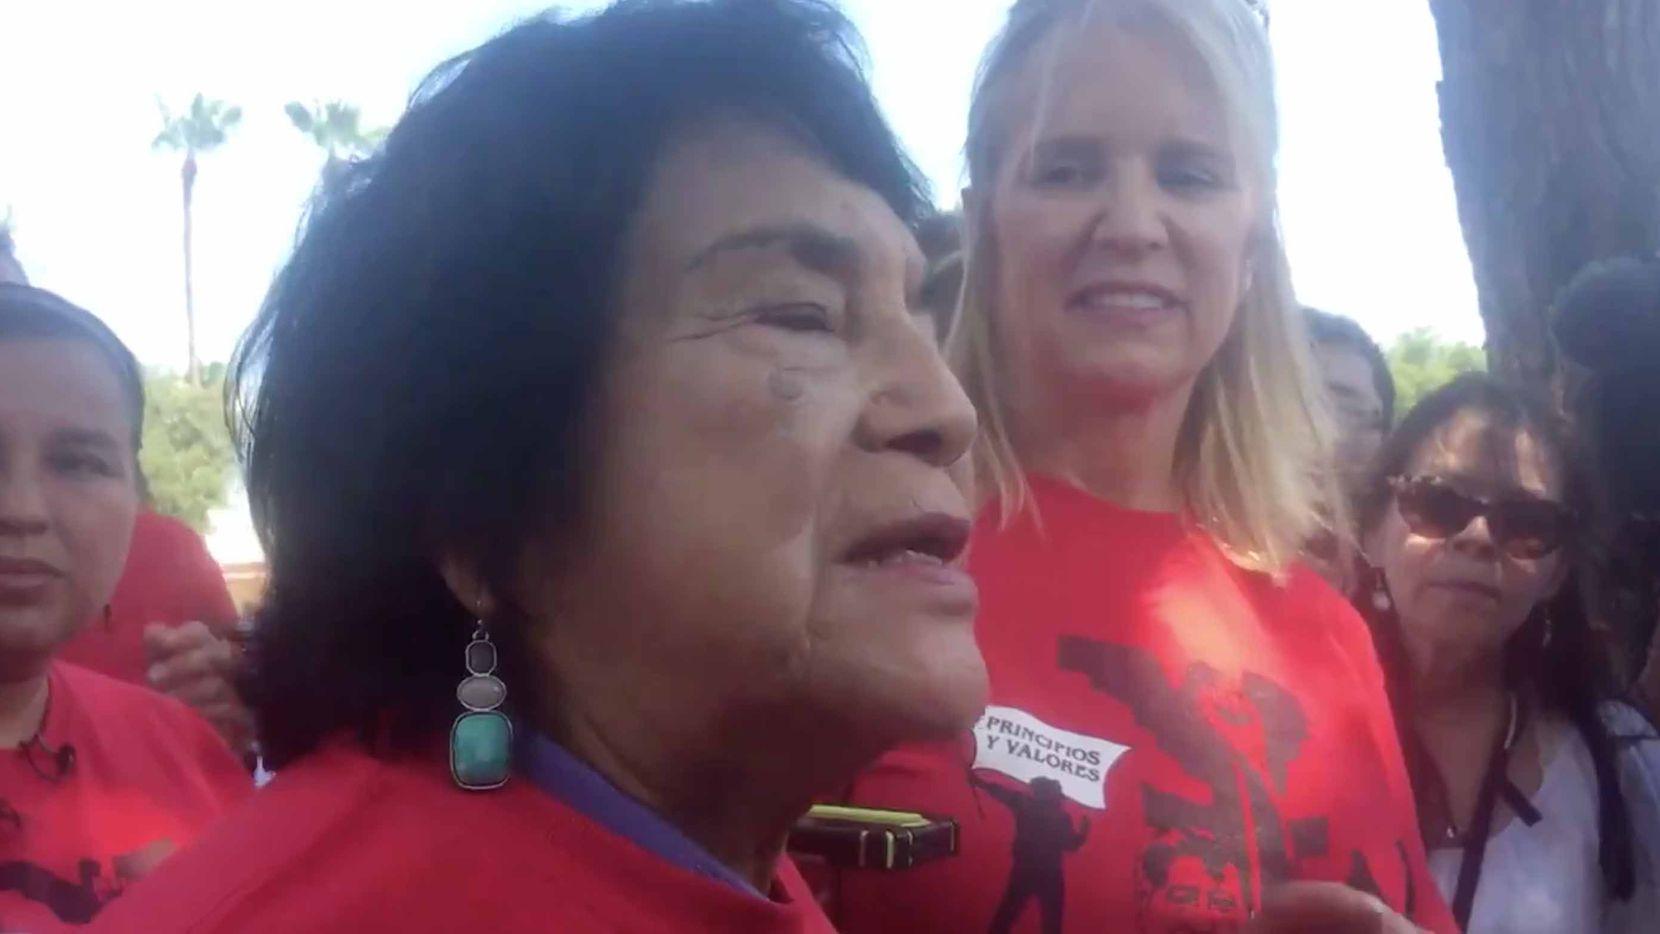 Dolores Huerta, líder histórica de los inmigrantes en Dallas, llegó hasta McAllen para iniciar un ayuno a nombre de los inmigrantes. A la der., Kerry Kennedy, activista e hija de Robert Kennedy. JENNY MANRIQUE/AL DÍA